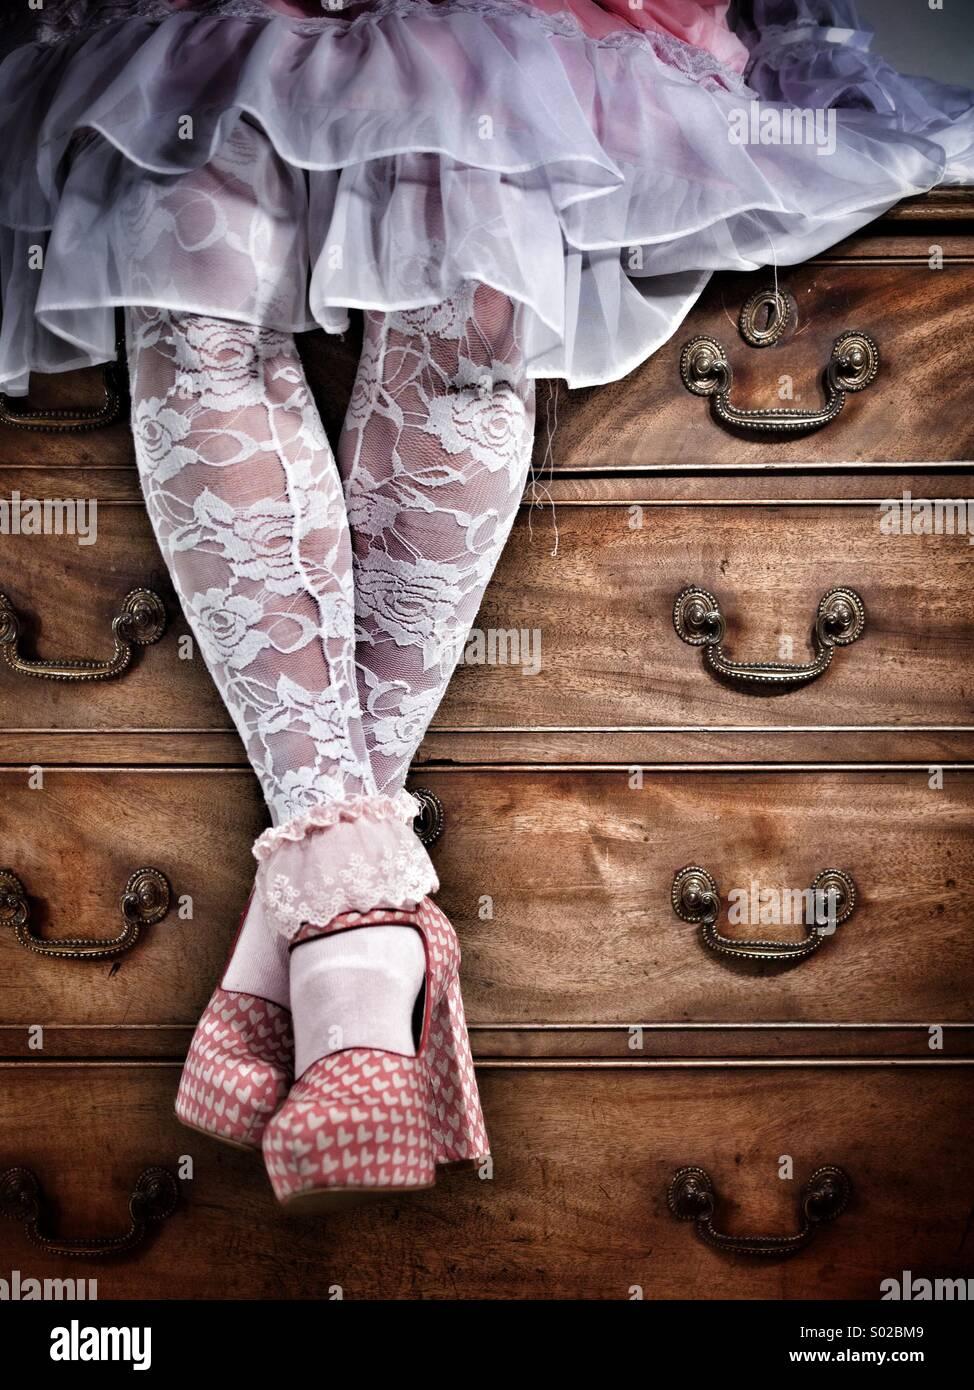 - Photos de Mode des bas et jupe de dentelle ébouriffé Photo Stock